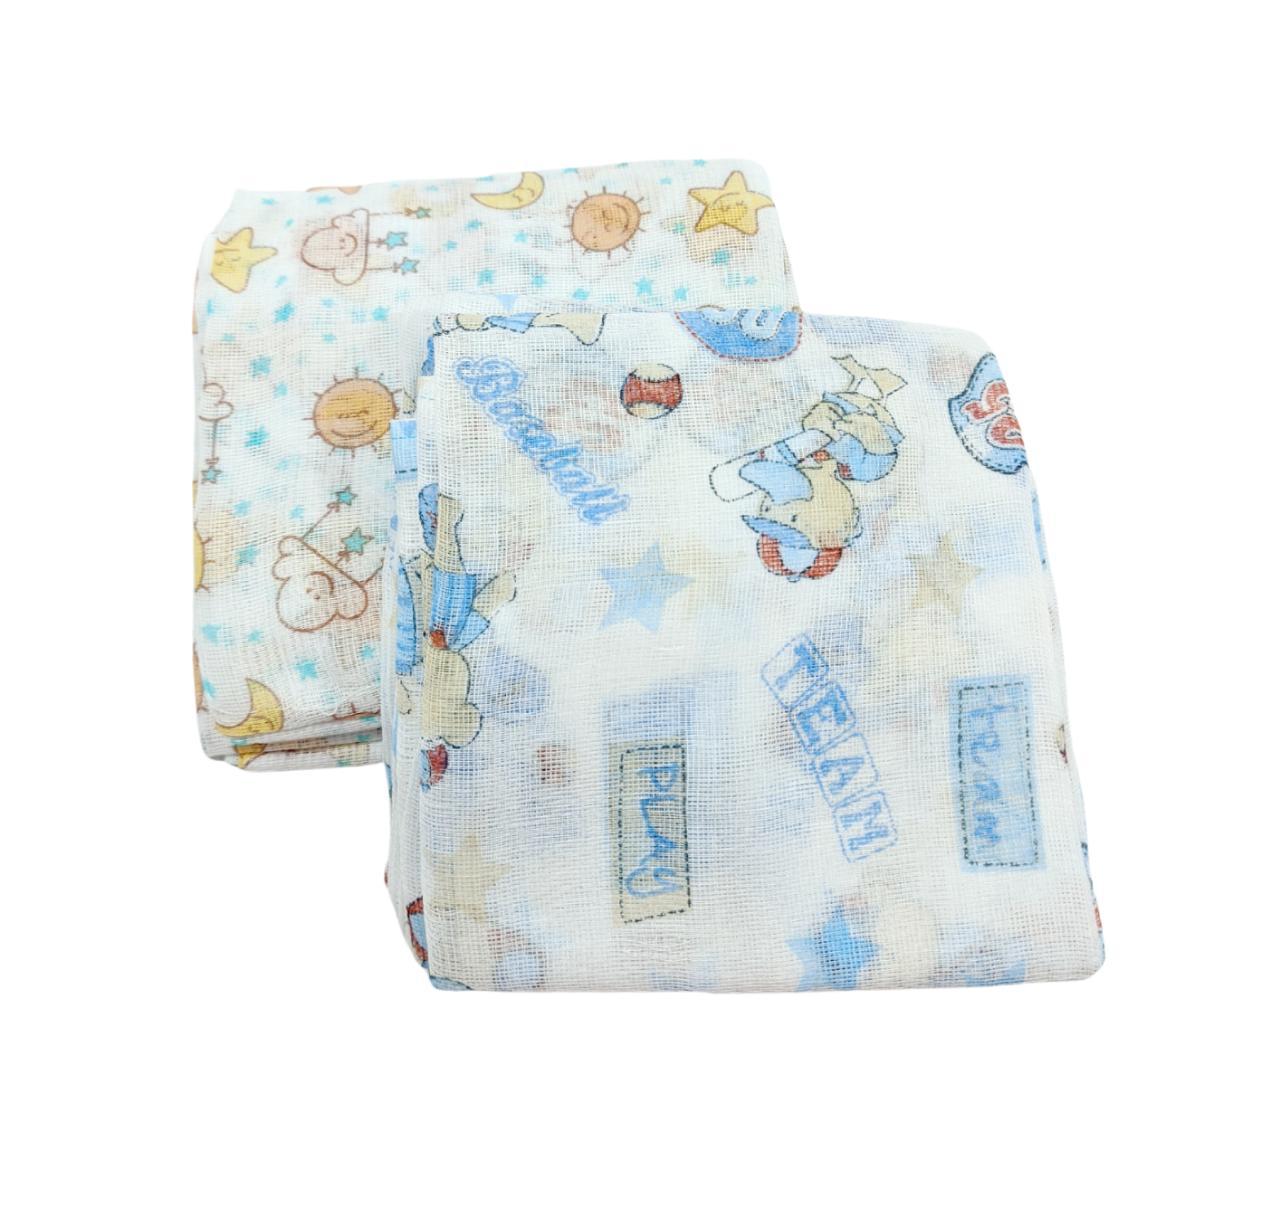 Kit de Fraldas Estampadas - Tecido Duplo - 15 Unidades - 100% Algodão - 65cm x 65cm - Carícia Baby